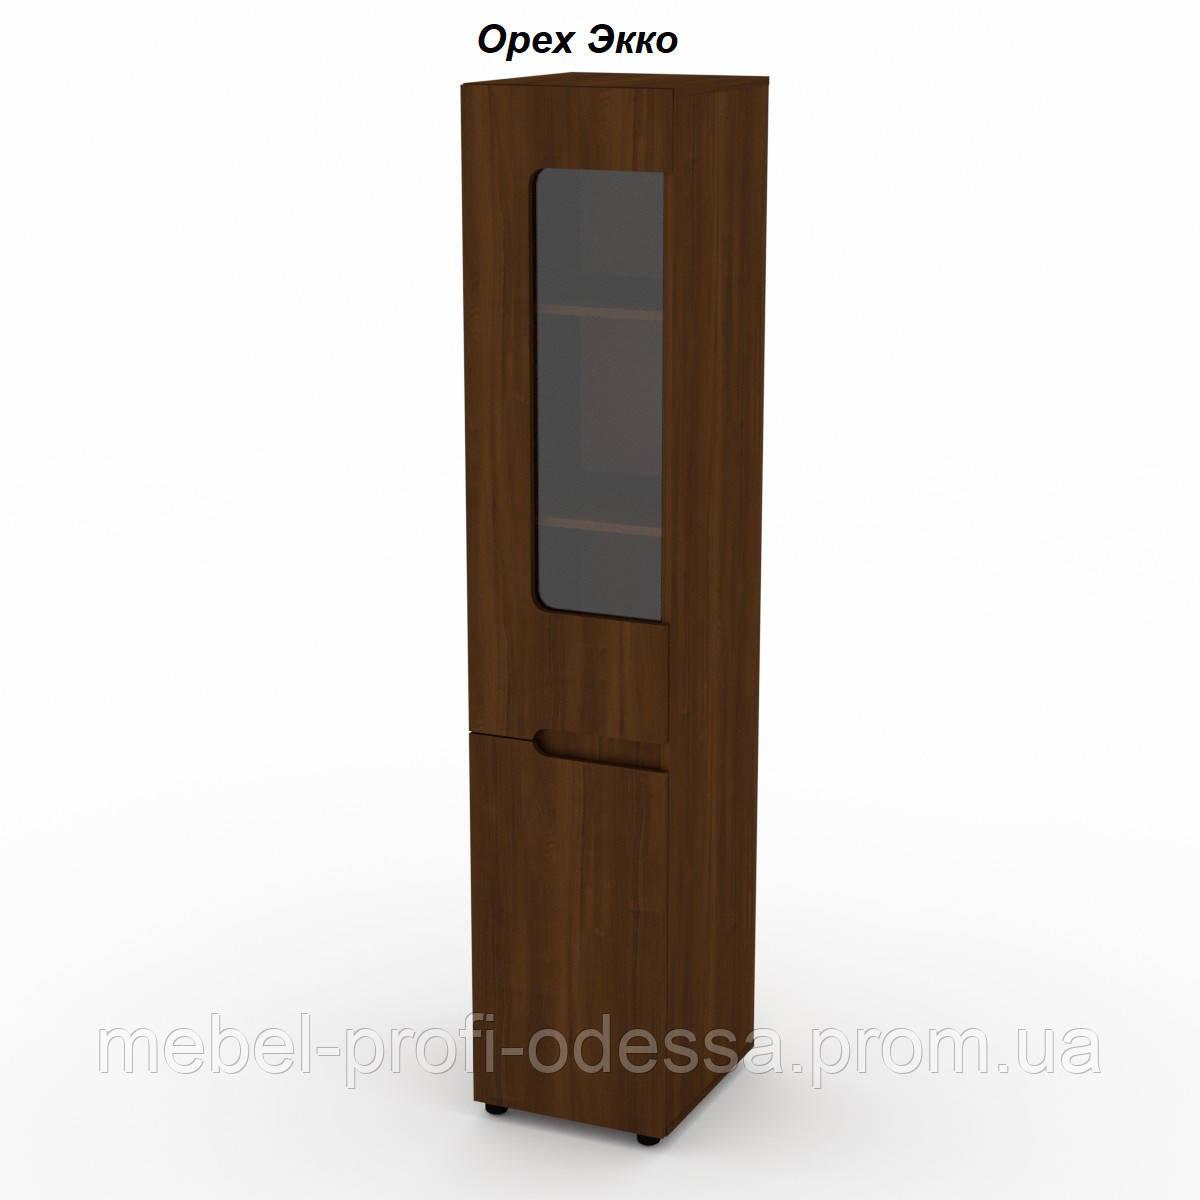 Шкаф 24 Л ДСП Компанит Модульная система Стиль шкаф, витрина